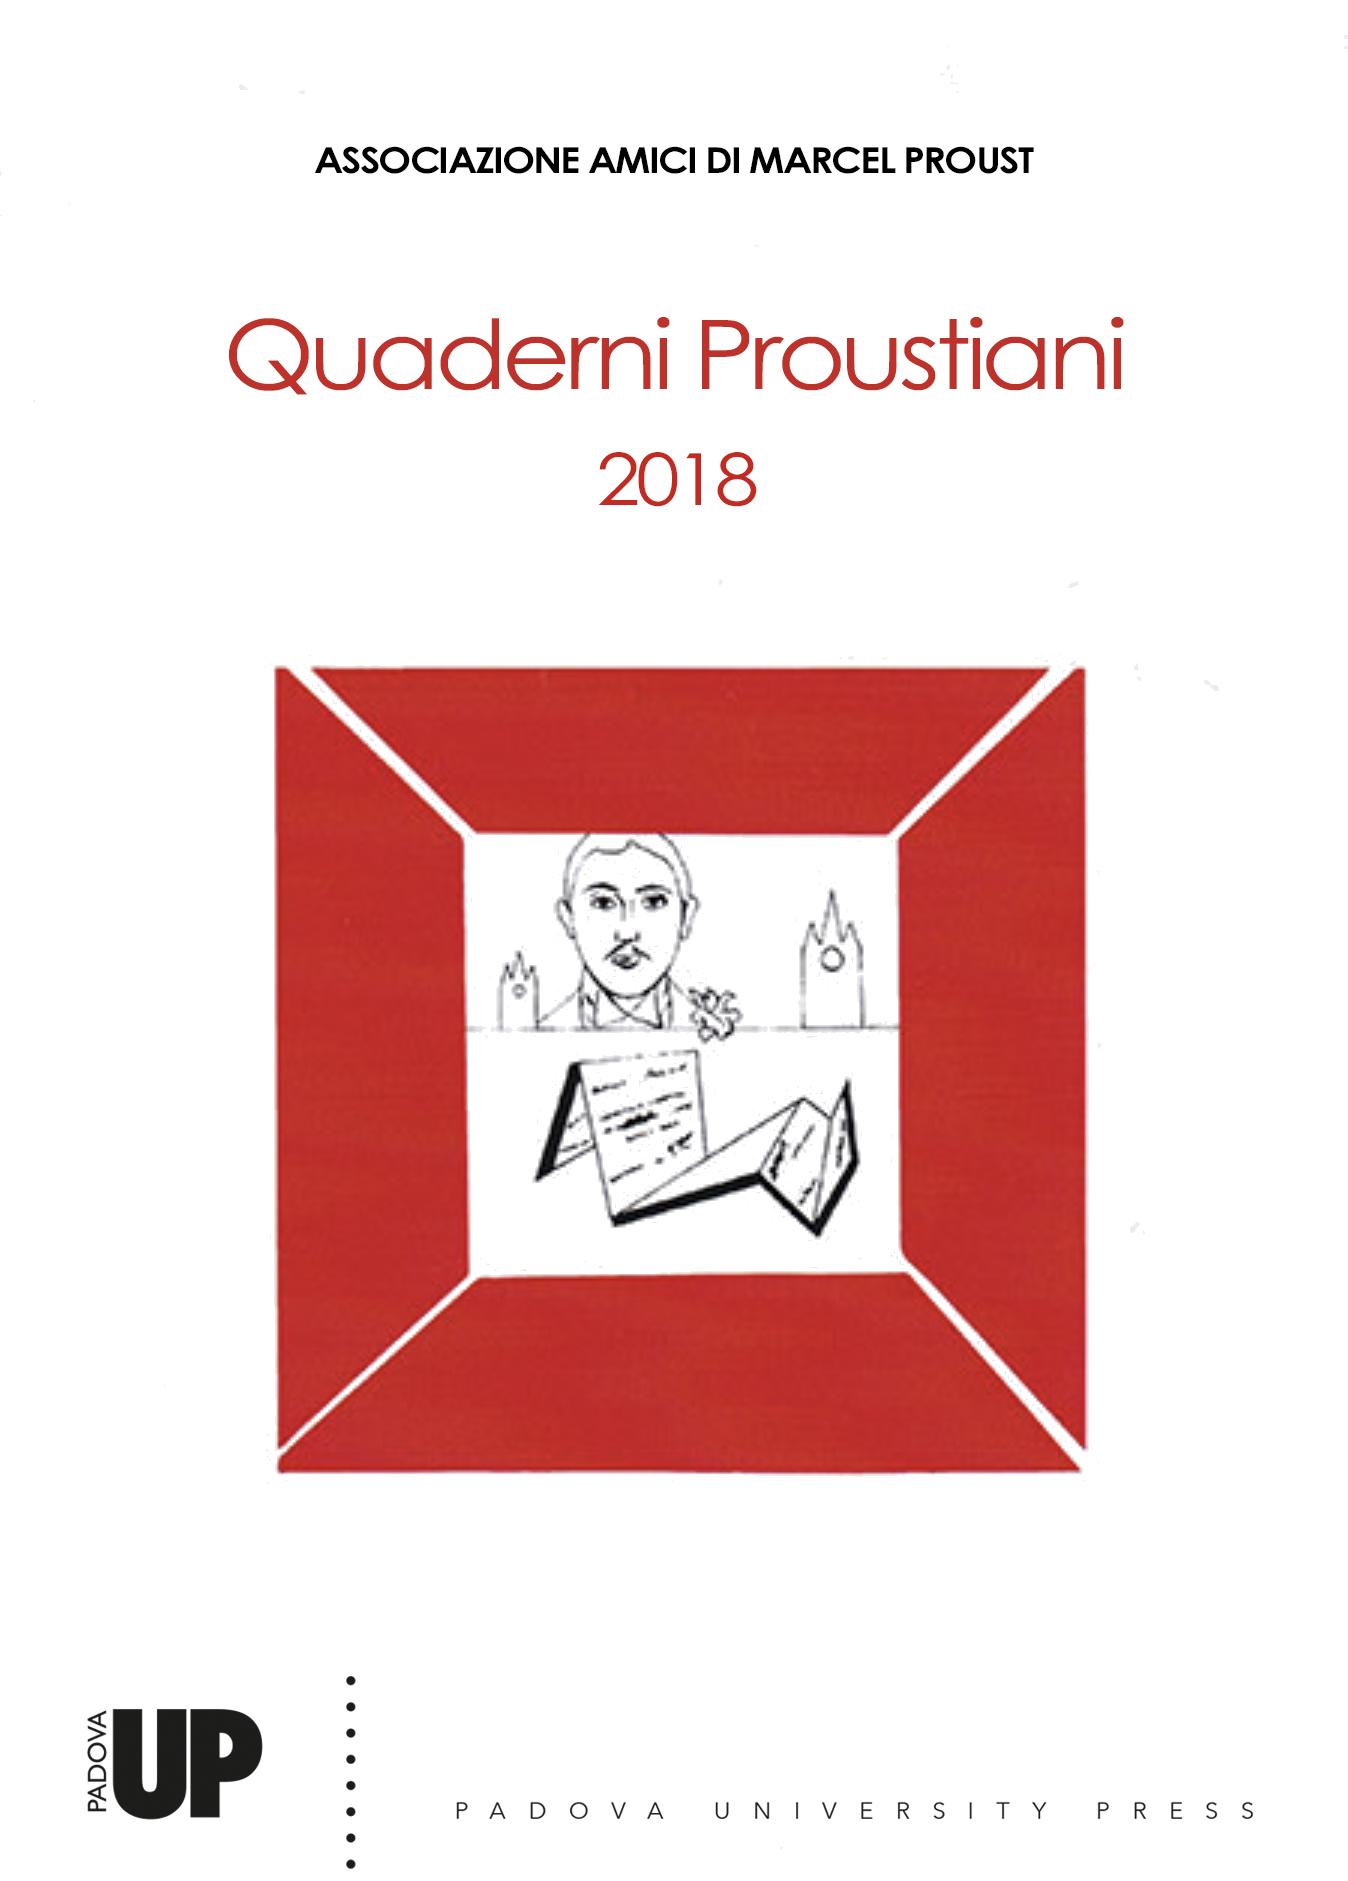 Quaderni Proustiani,n°12, 2018 :